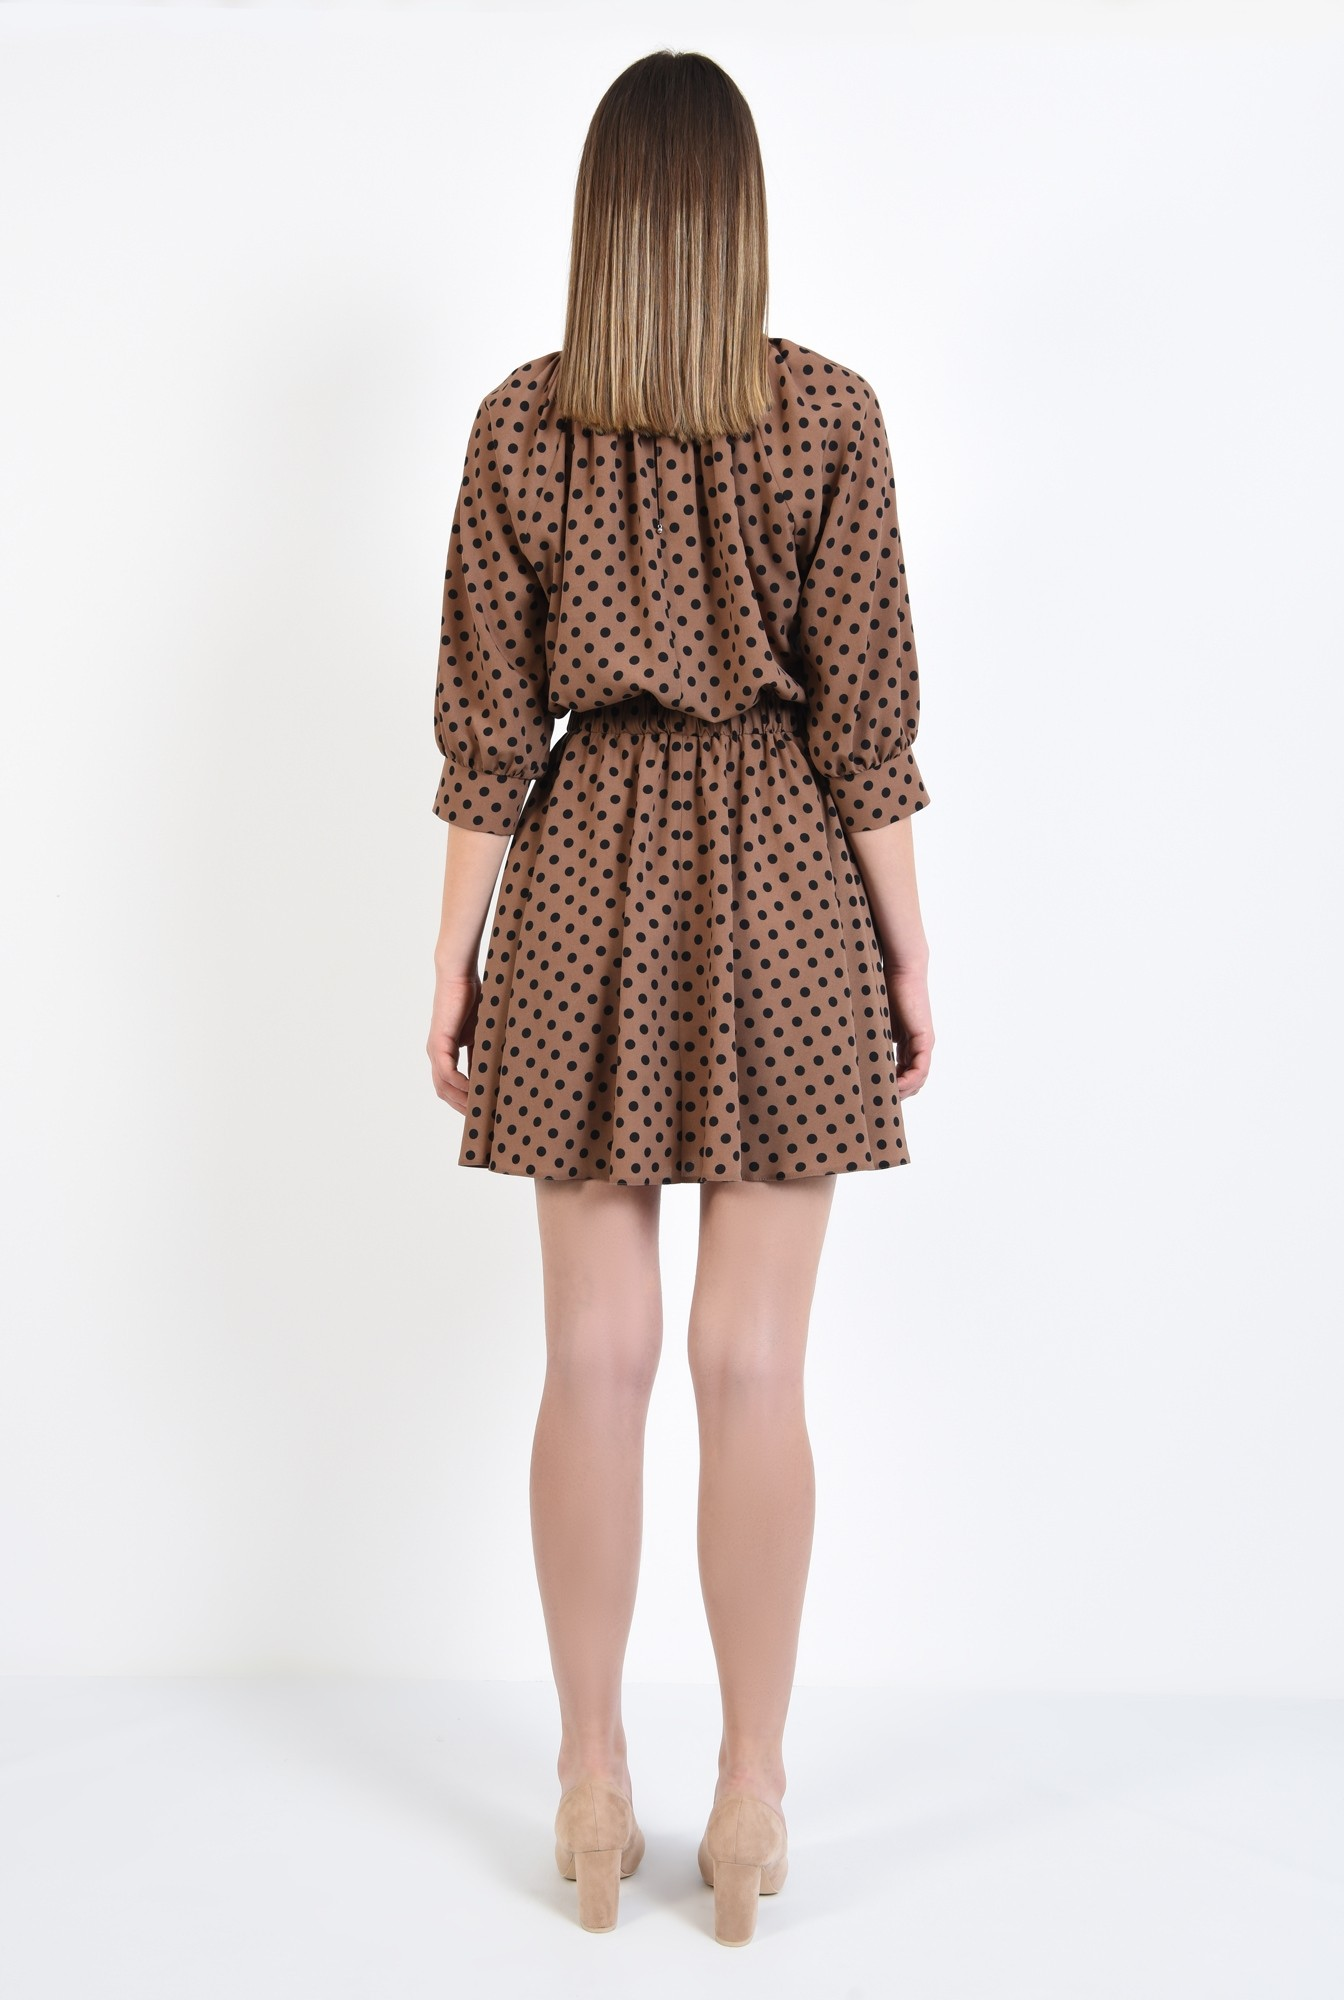 1 - rochie cu imprimeu, scurta, clos, maro, cu guler, elastic in talie